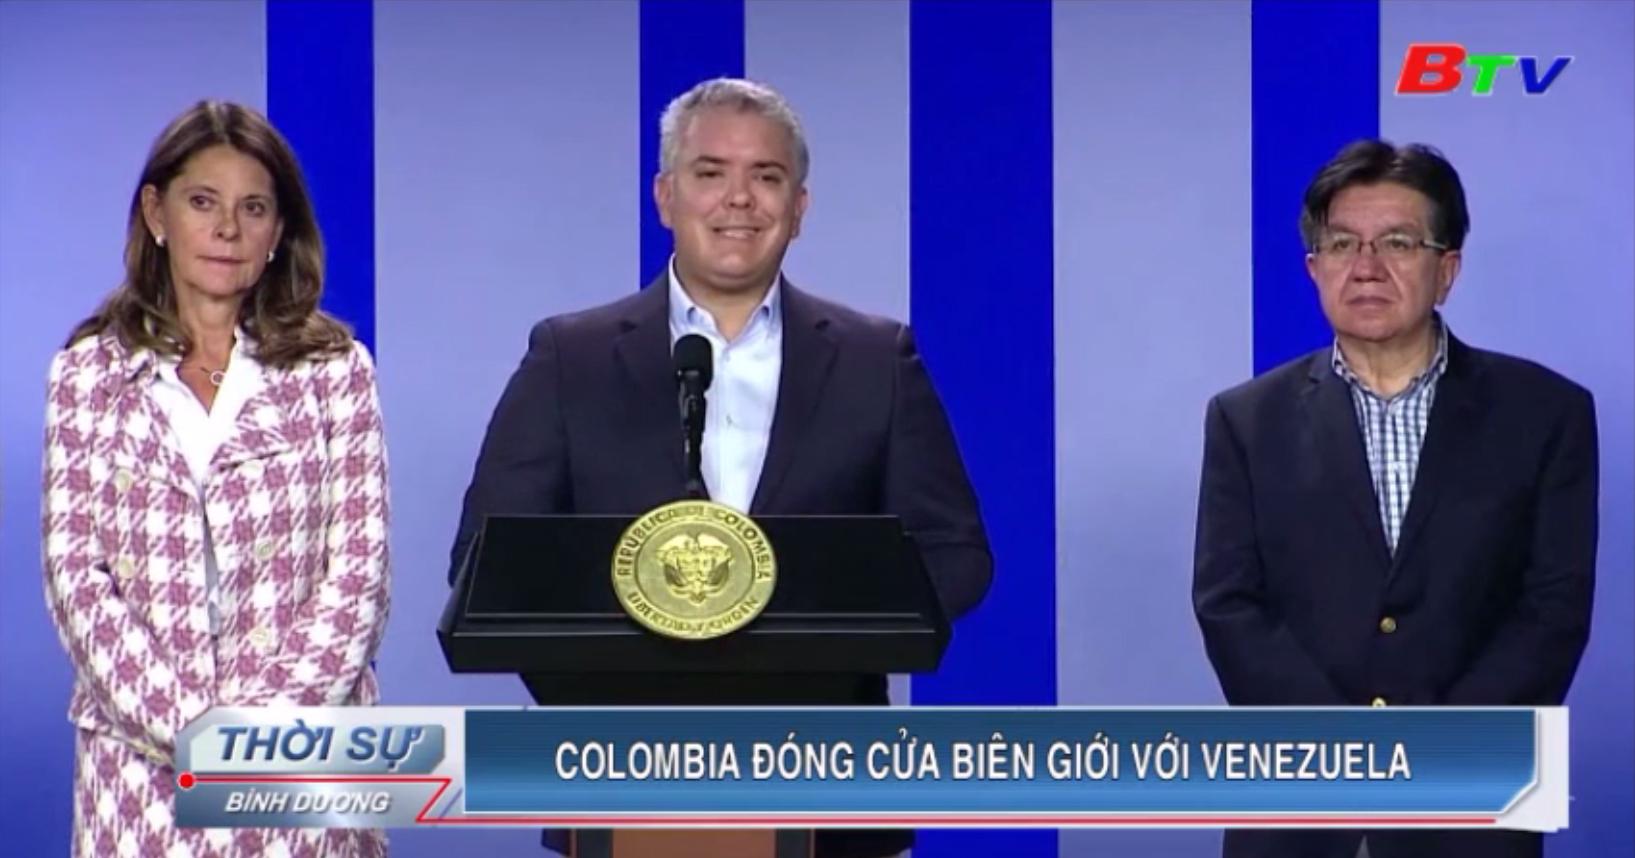 Colombia đóng cửa biên giới với Venezuela